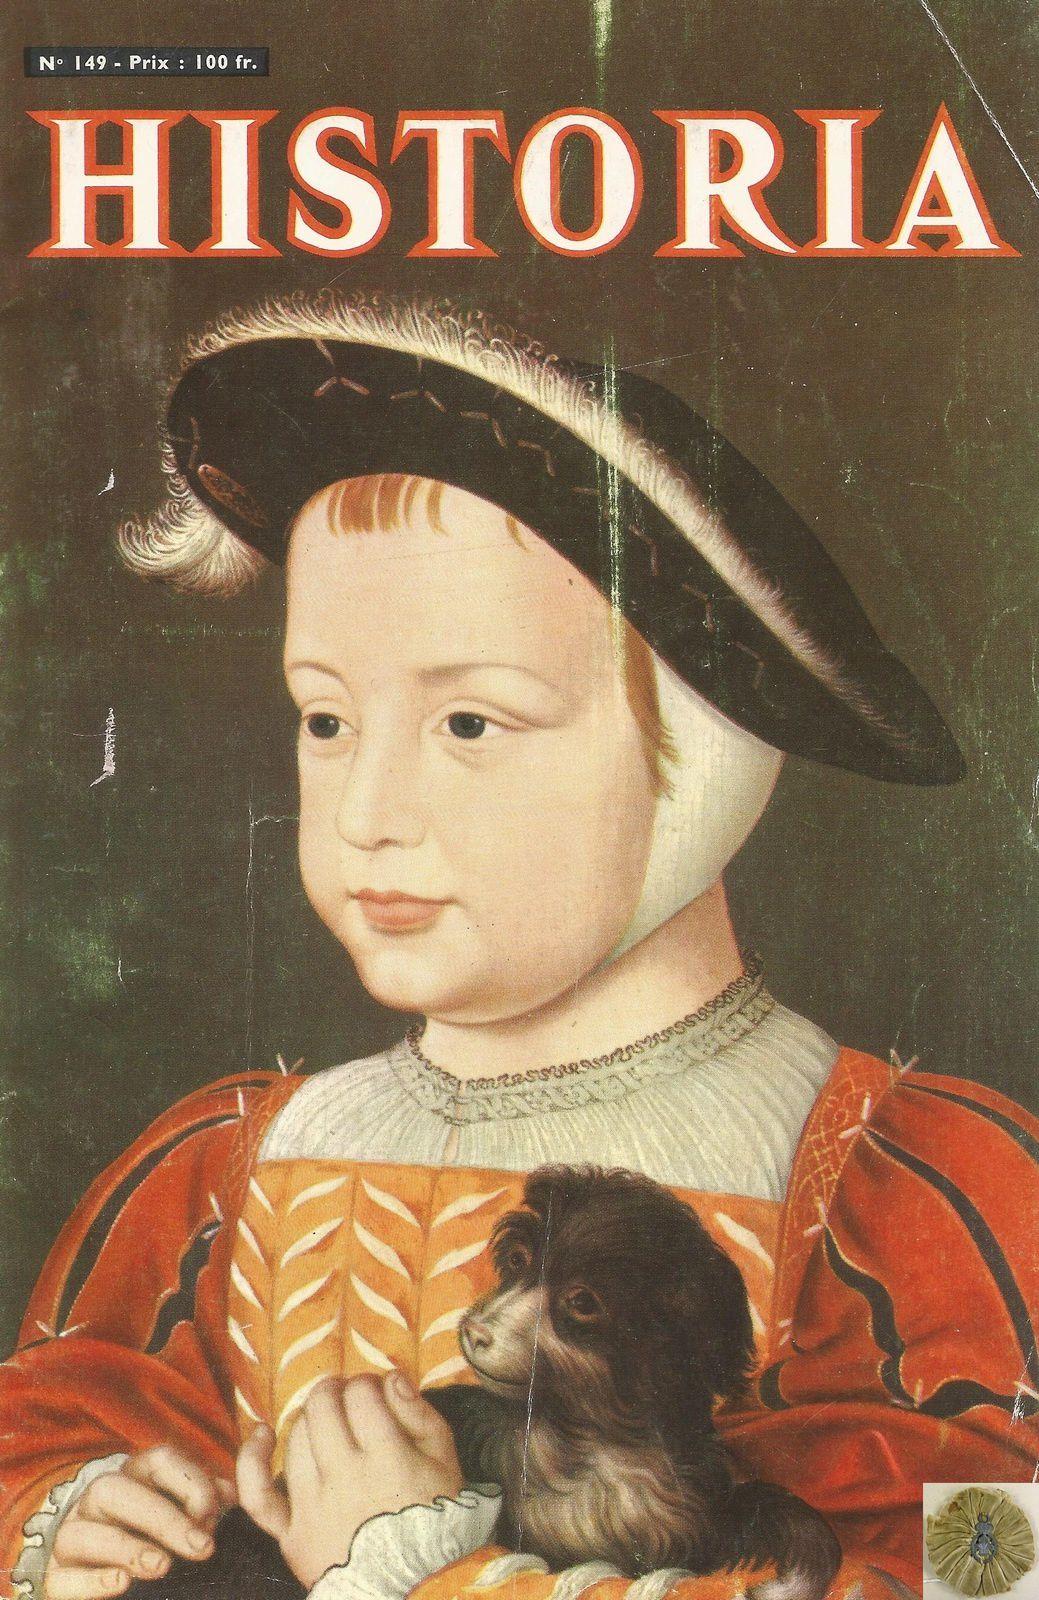 HISTORIA 149 - PORTRAIT D'HENRI II PAR FRANÇOIS CLOUET (CHANTILLY, MUSÉE CONDÉ)